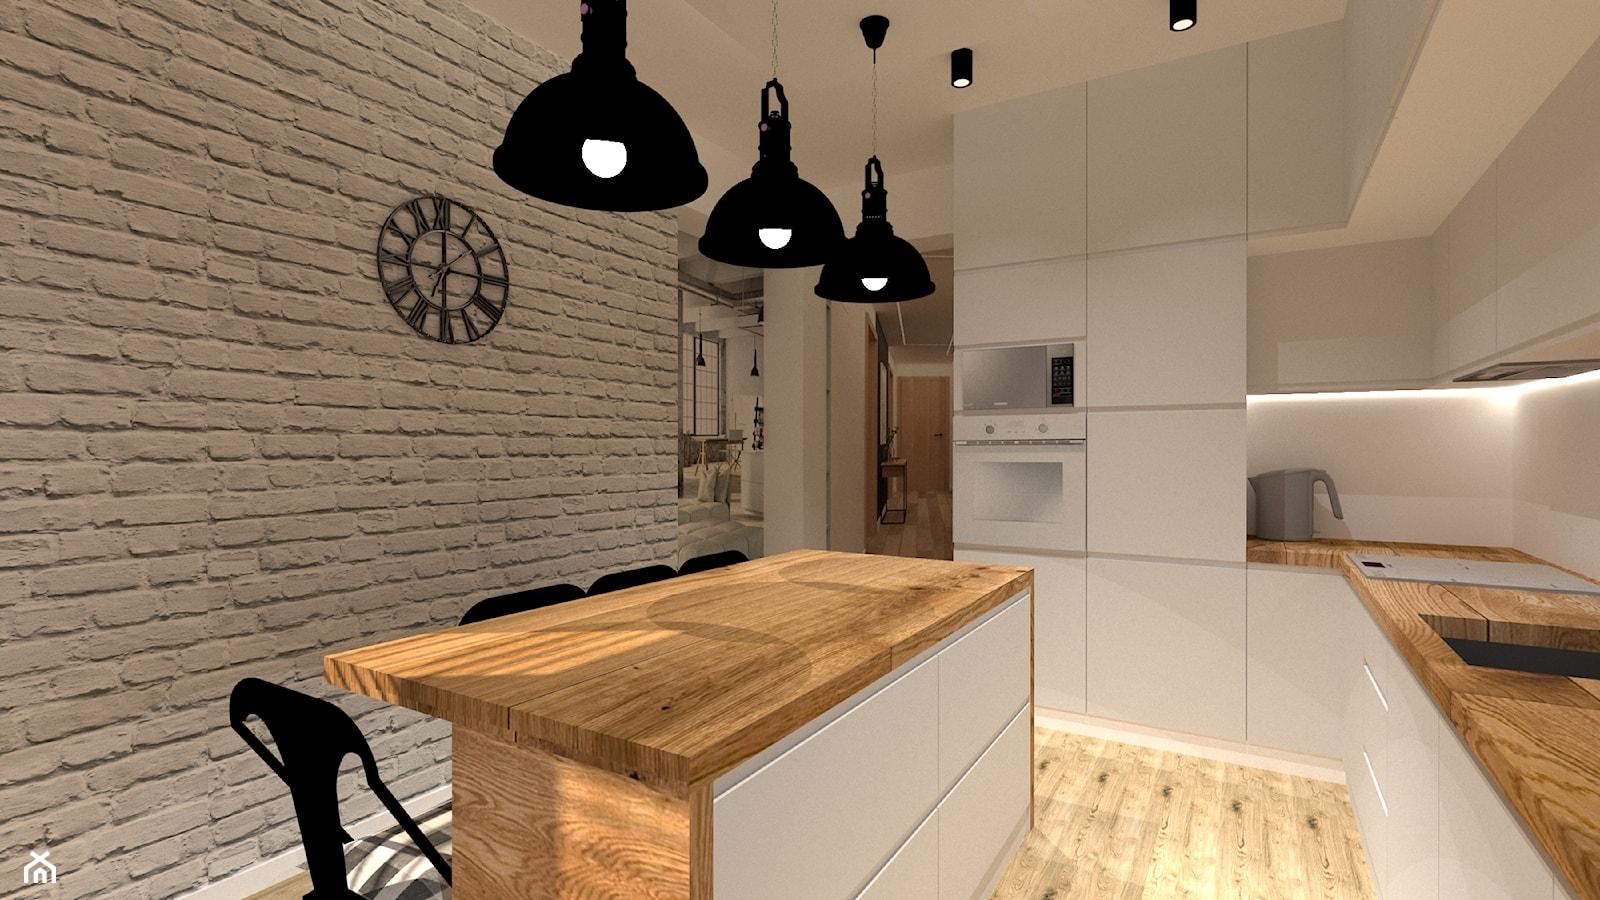 Kuchnia loft - Duża zamknięta szara kuchnia w kształcie litery l z wyspą, styl nowoczesny - zdjęcie od MILARTO - Homebook